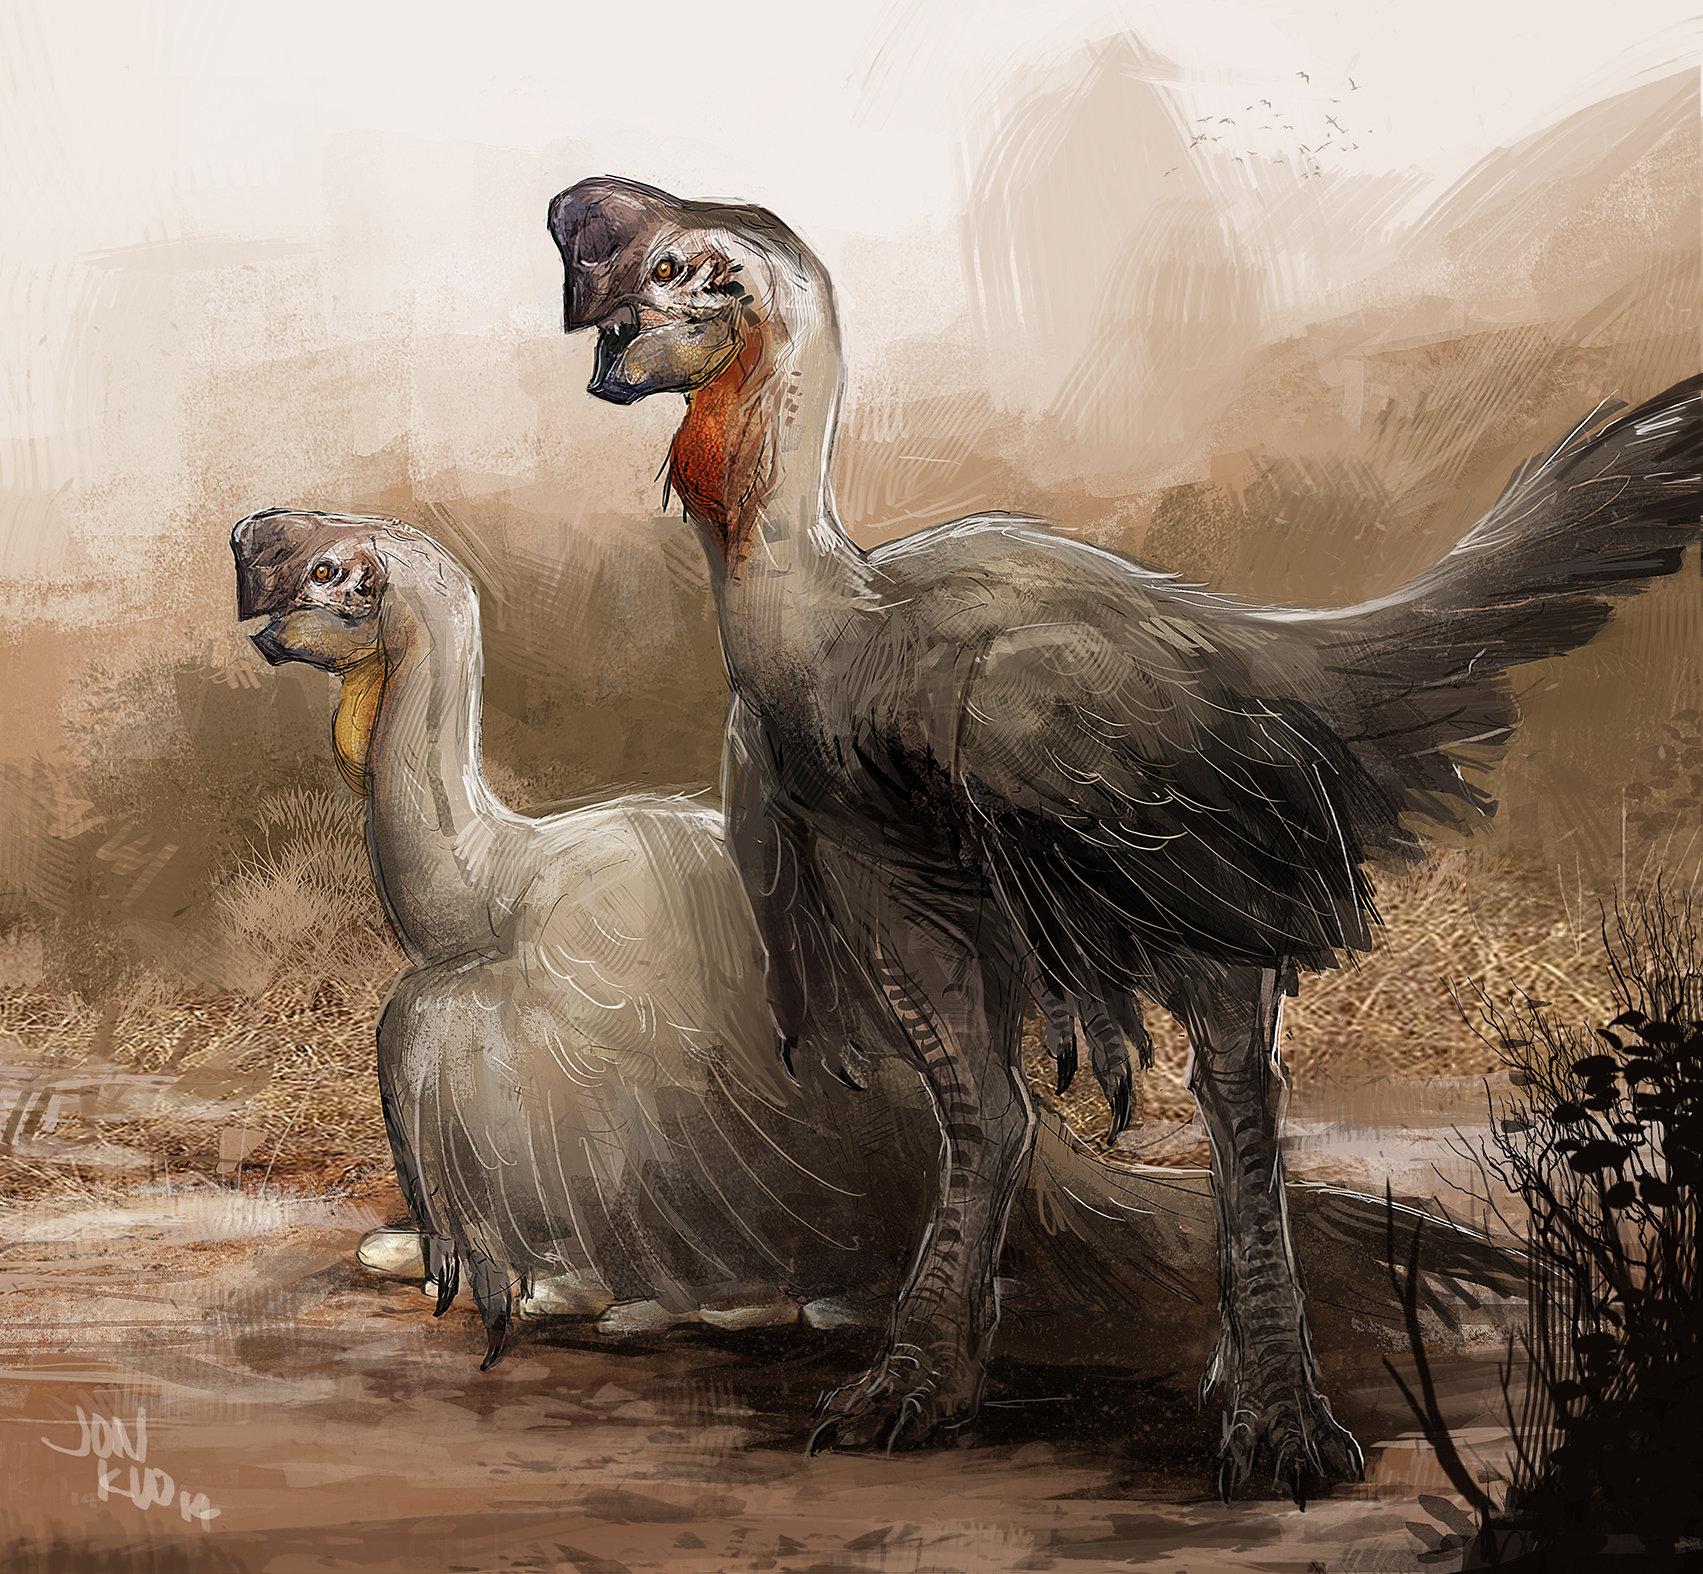 Jonathan kuo oviraptor2